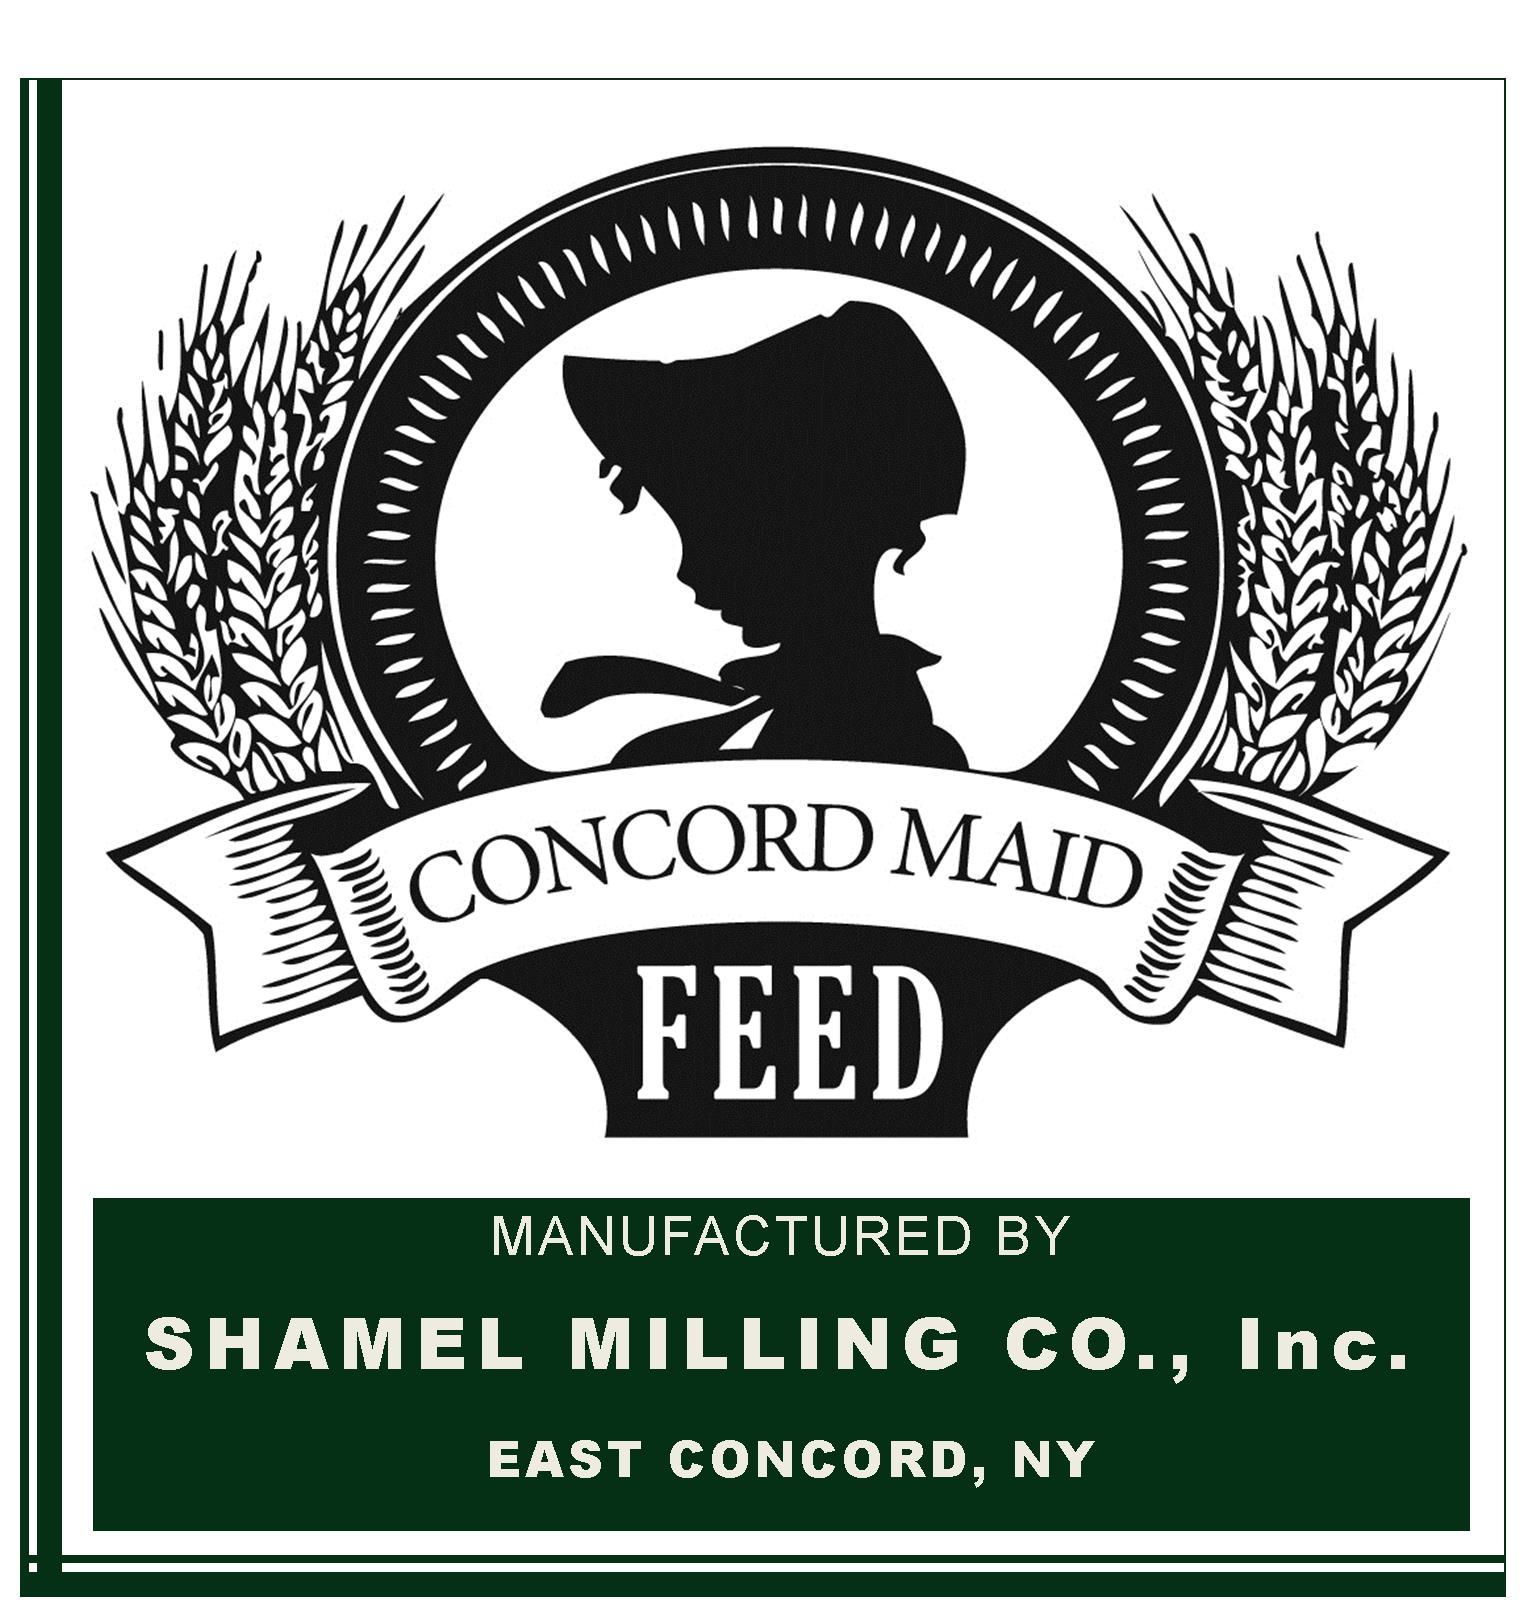 Concord Maid 24% Calf Starter Grain - Shamel Milling